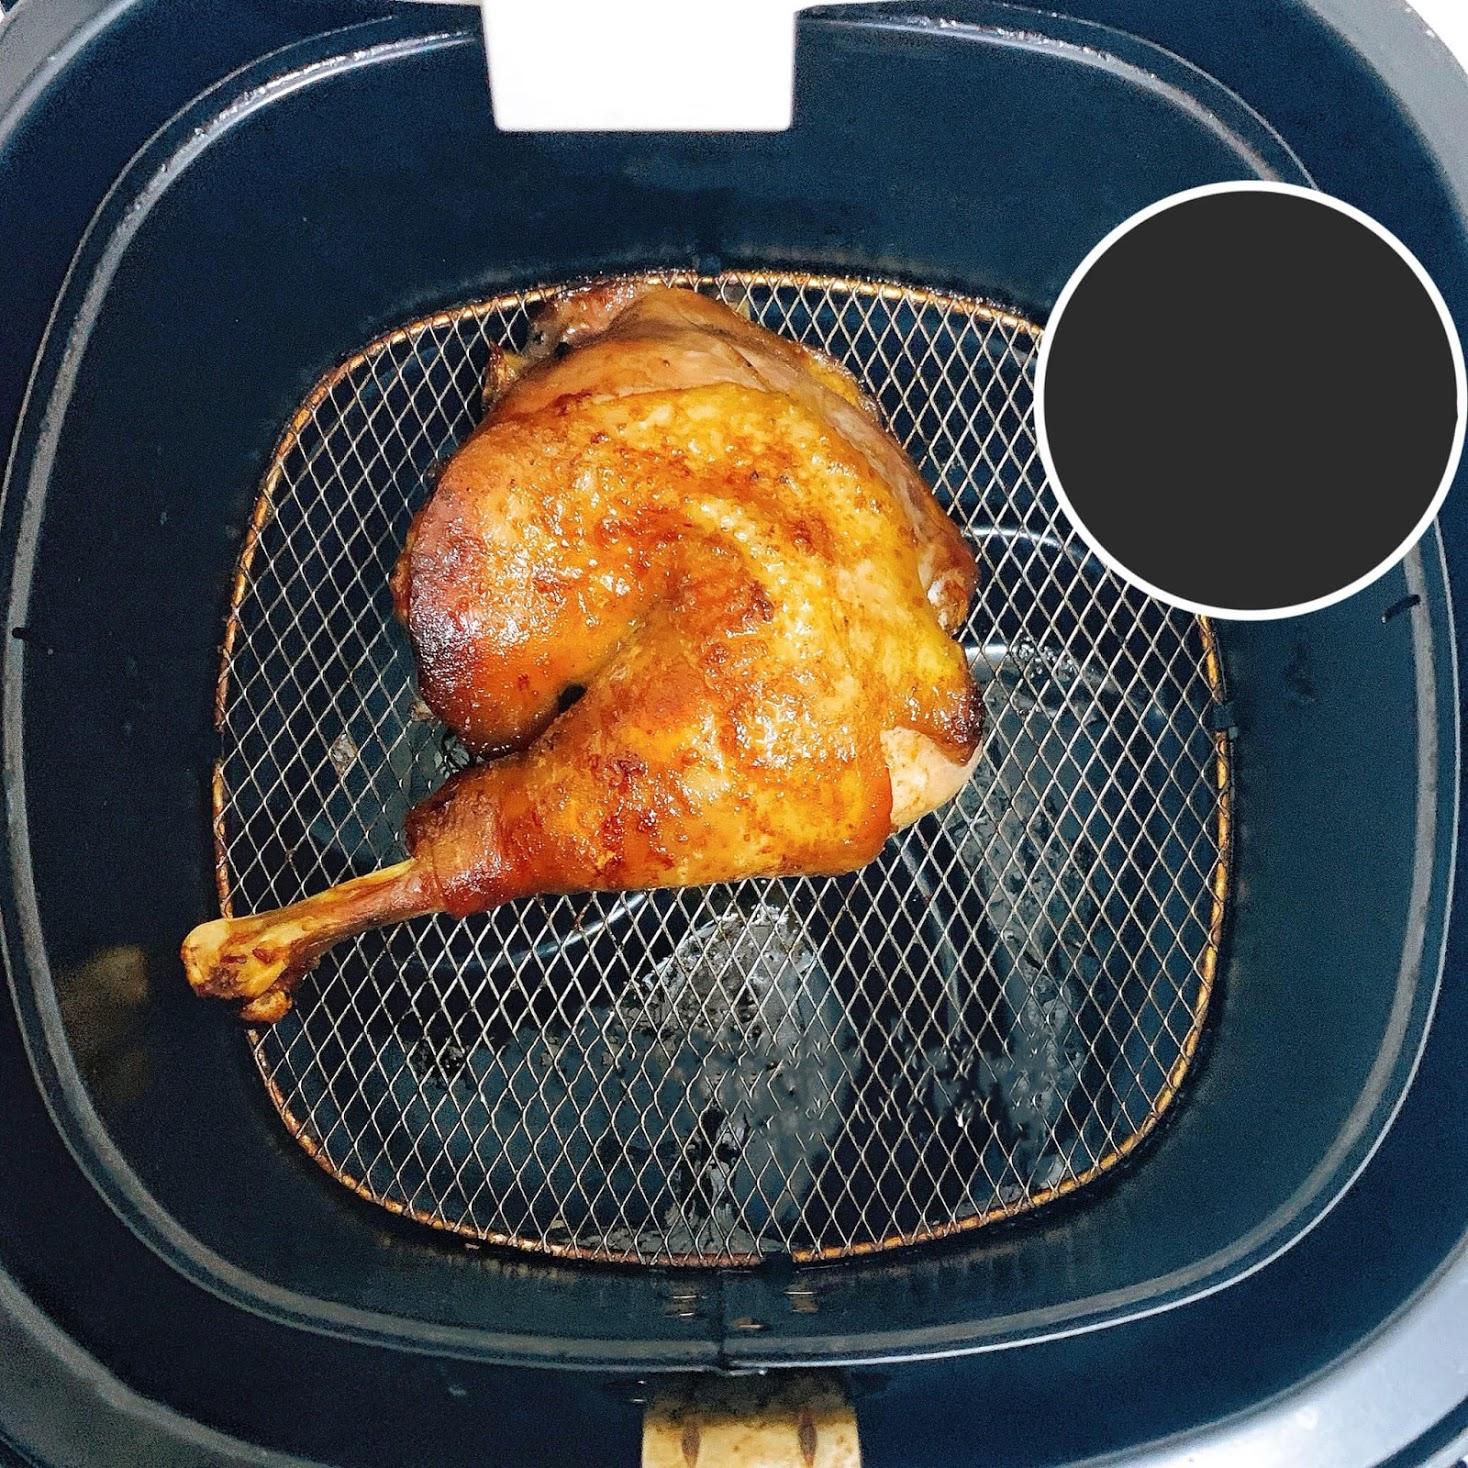 Đùi gà nướng sốt Teriyaki với nồi chiên không dầu